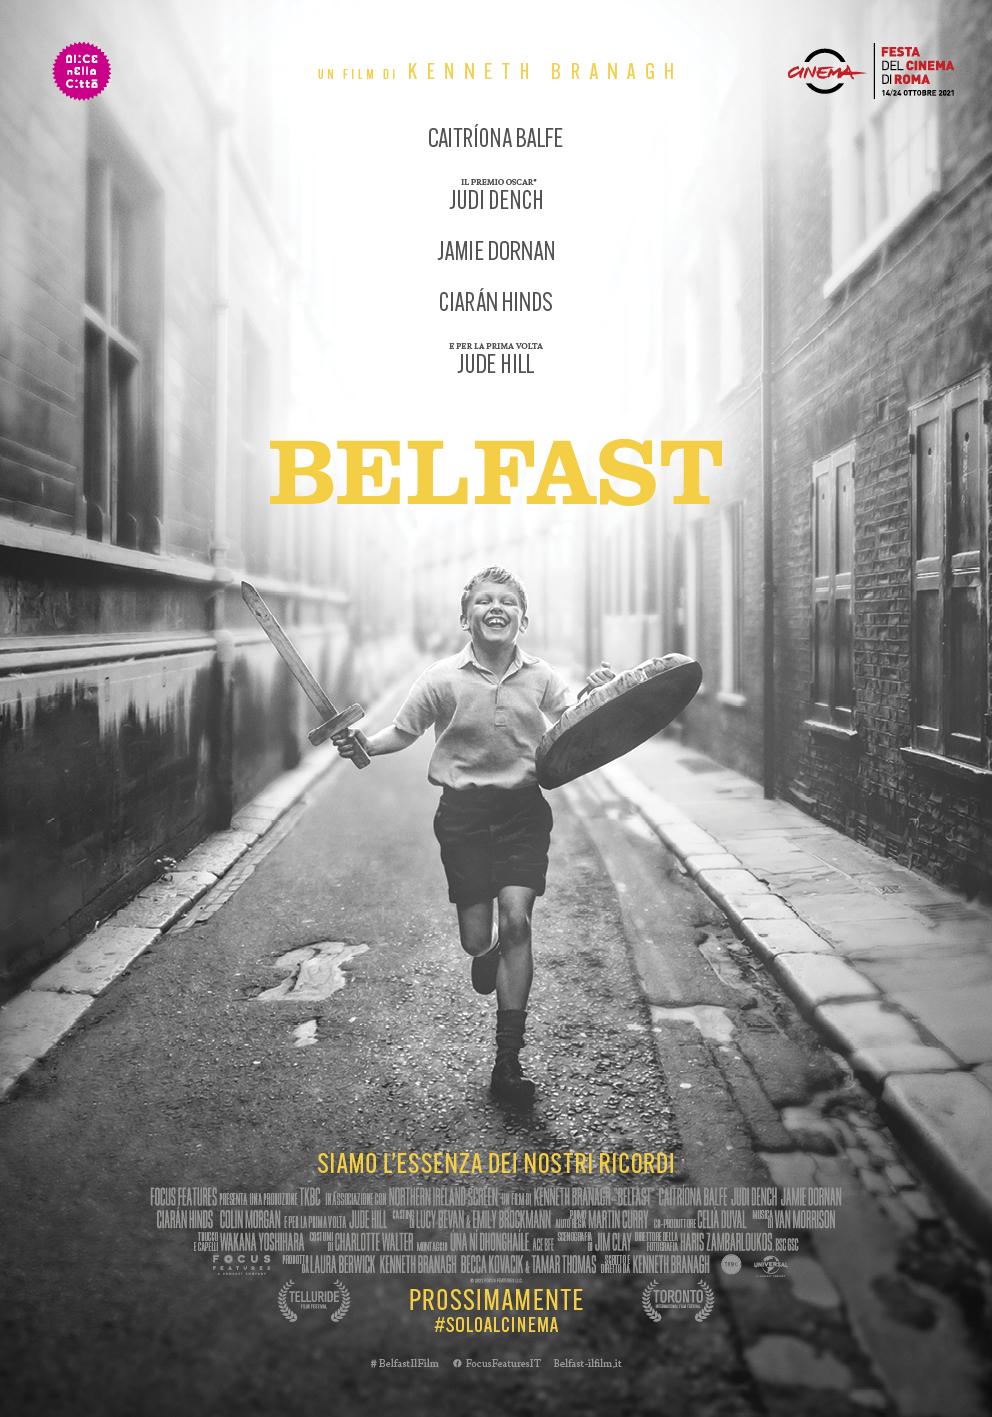 Belfast - Kenneth Branagh